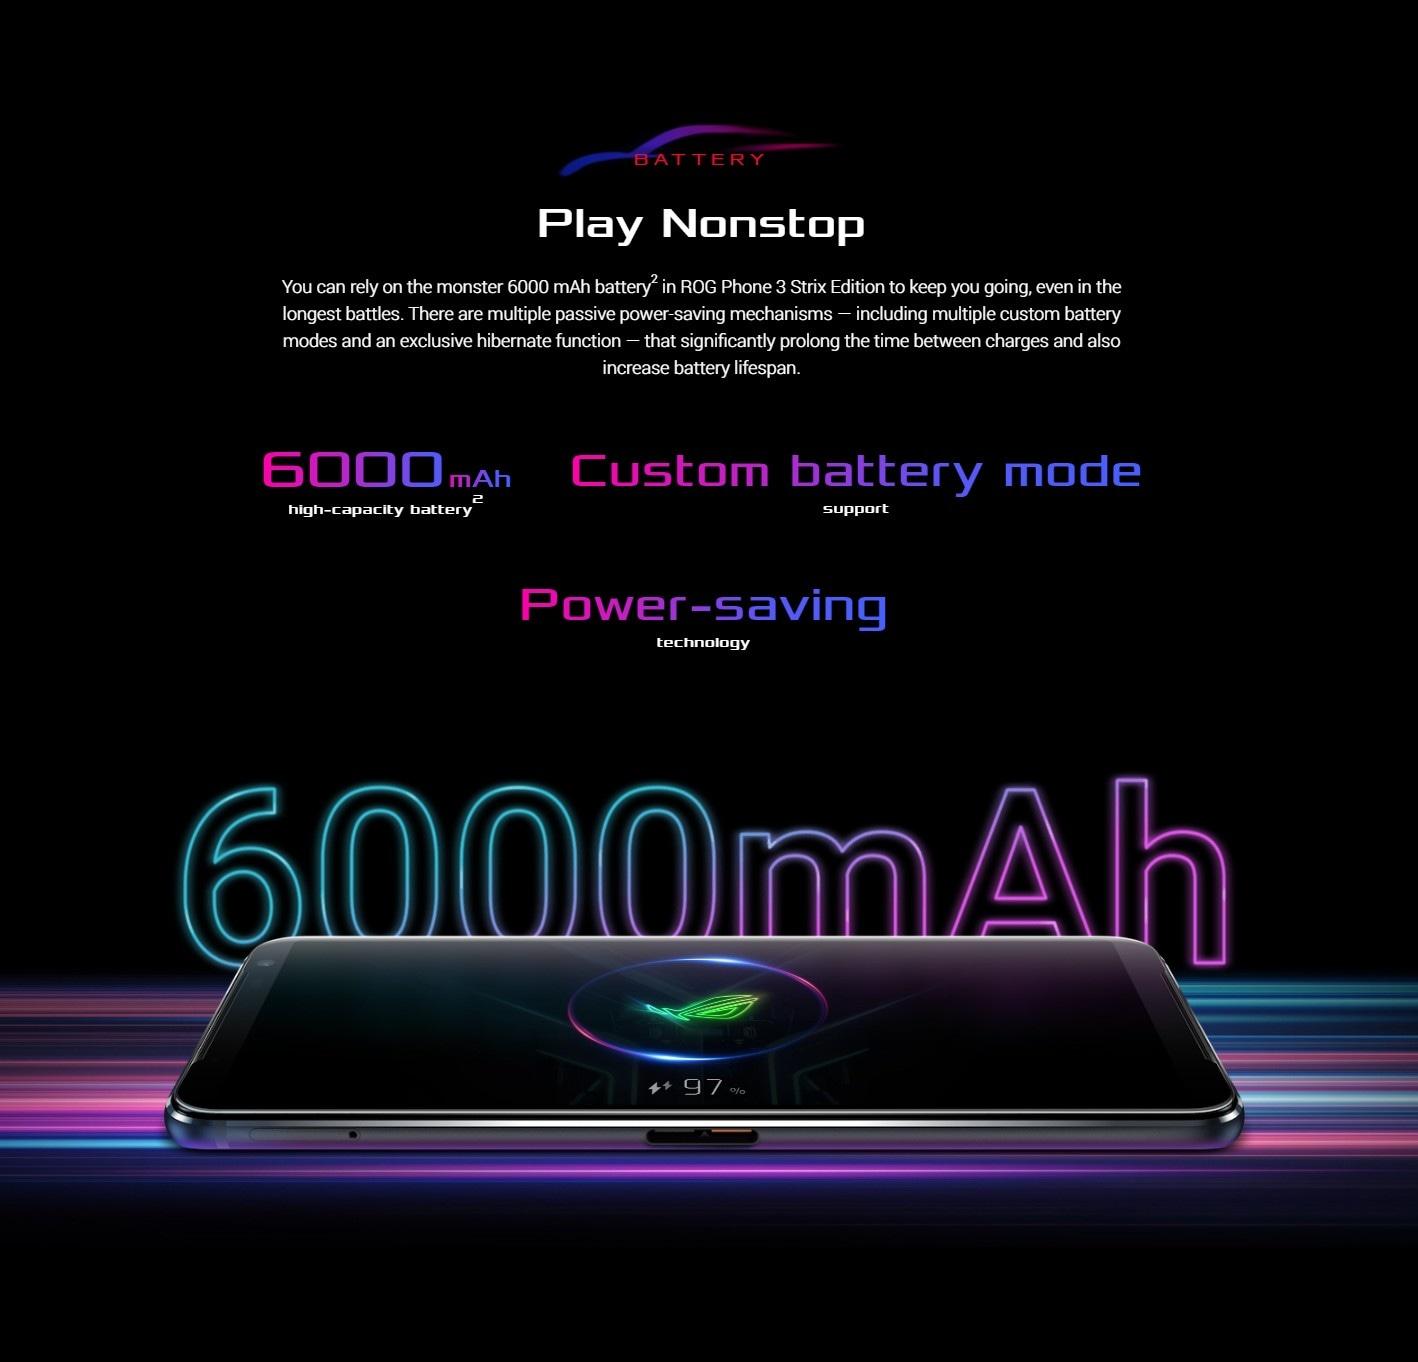 ASUS ROG Phone 3 Gaming 5G Smartphone Battery